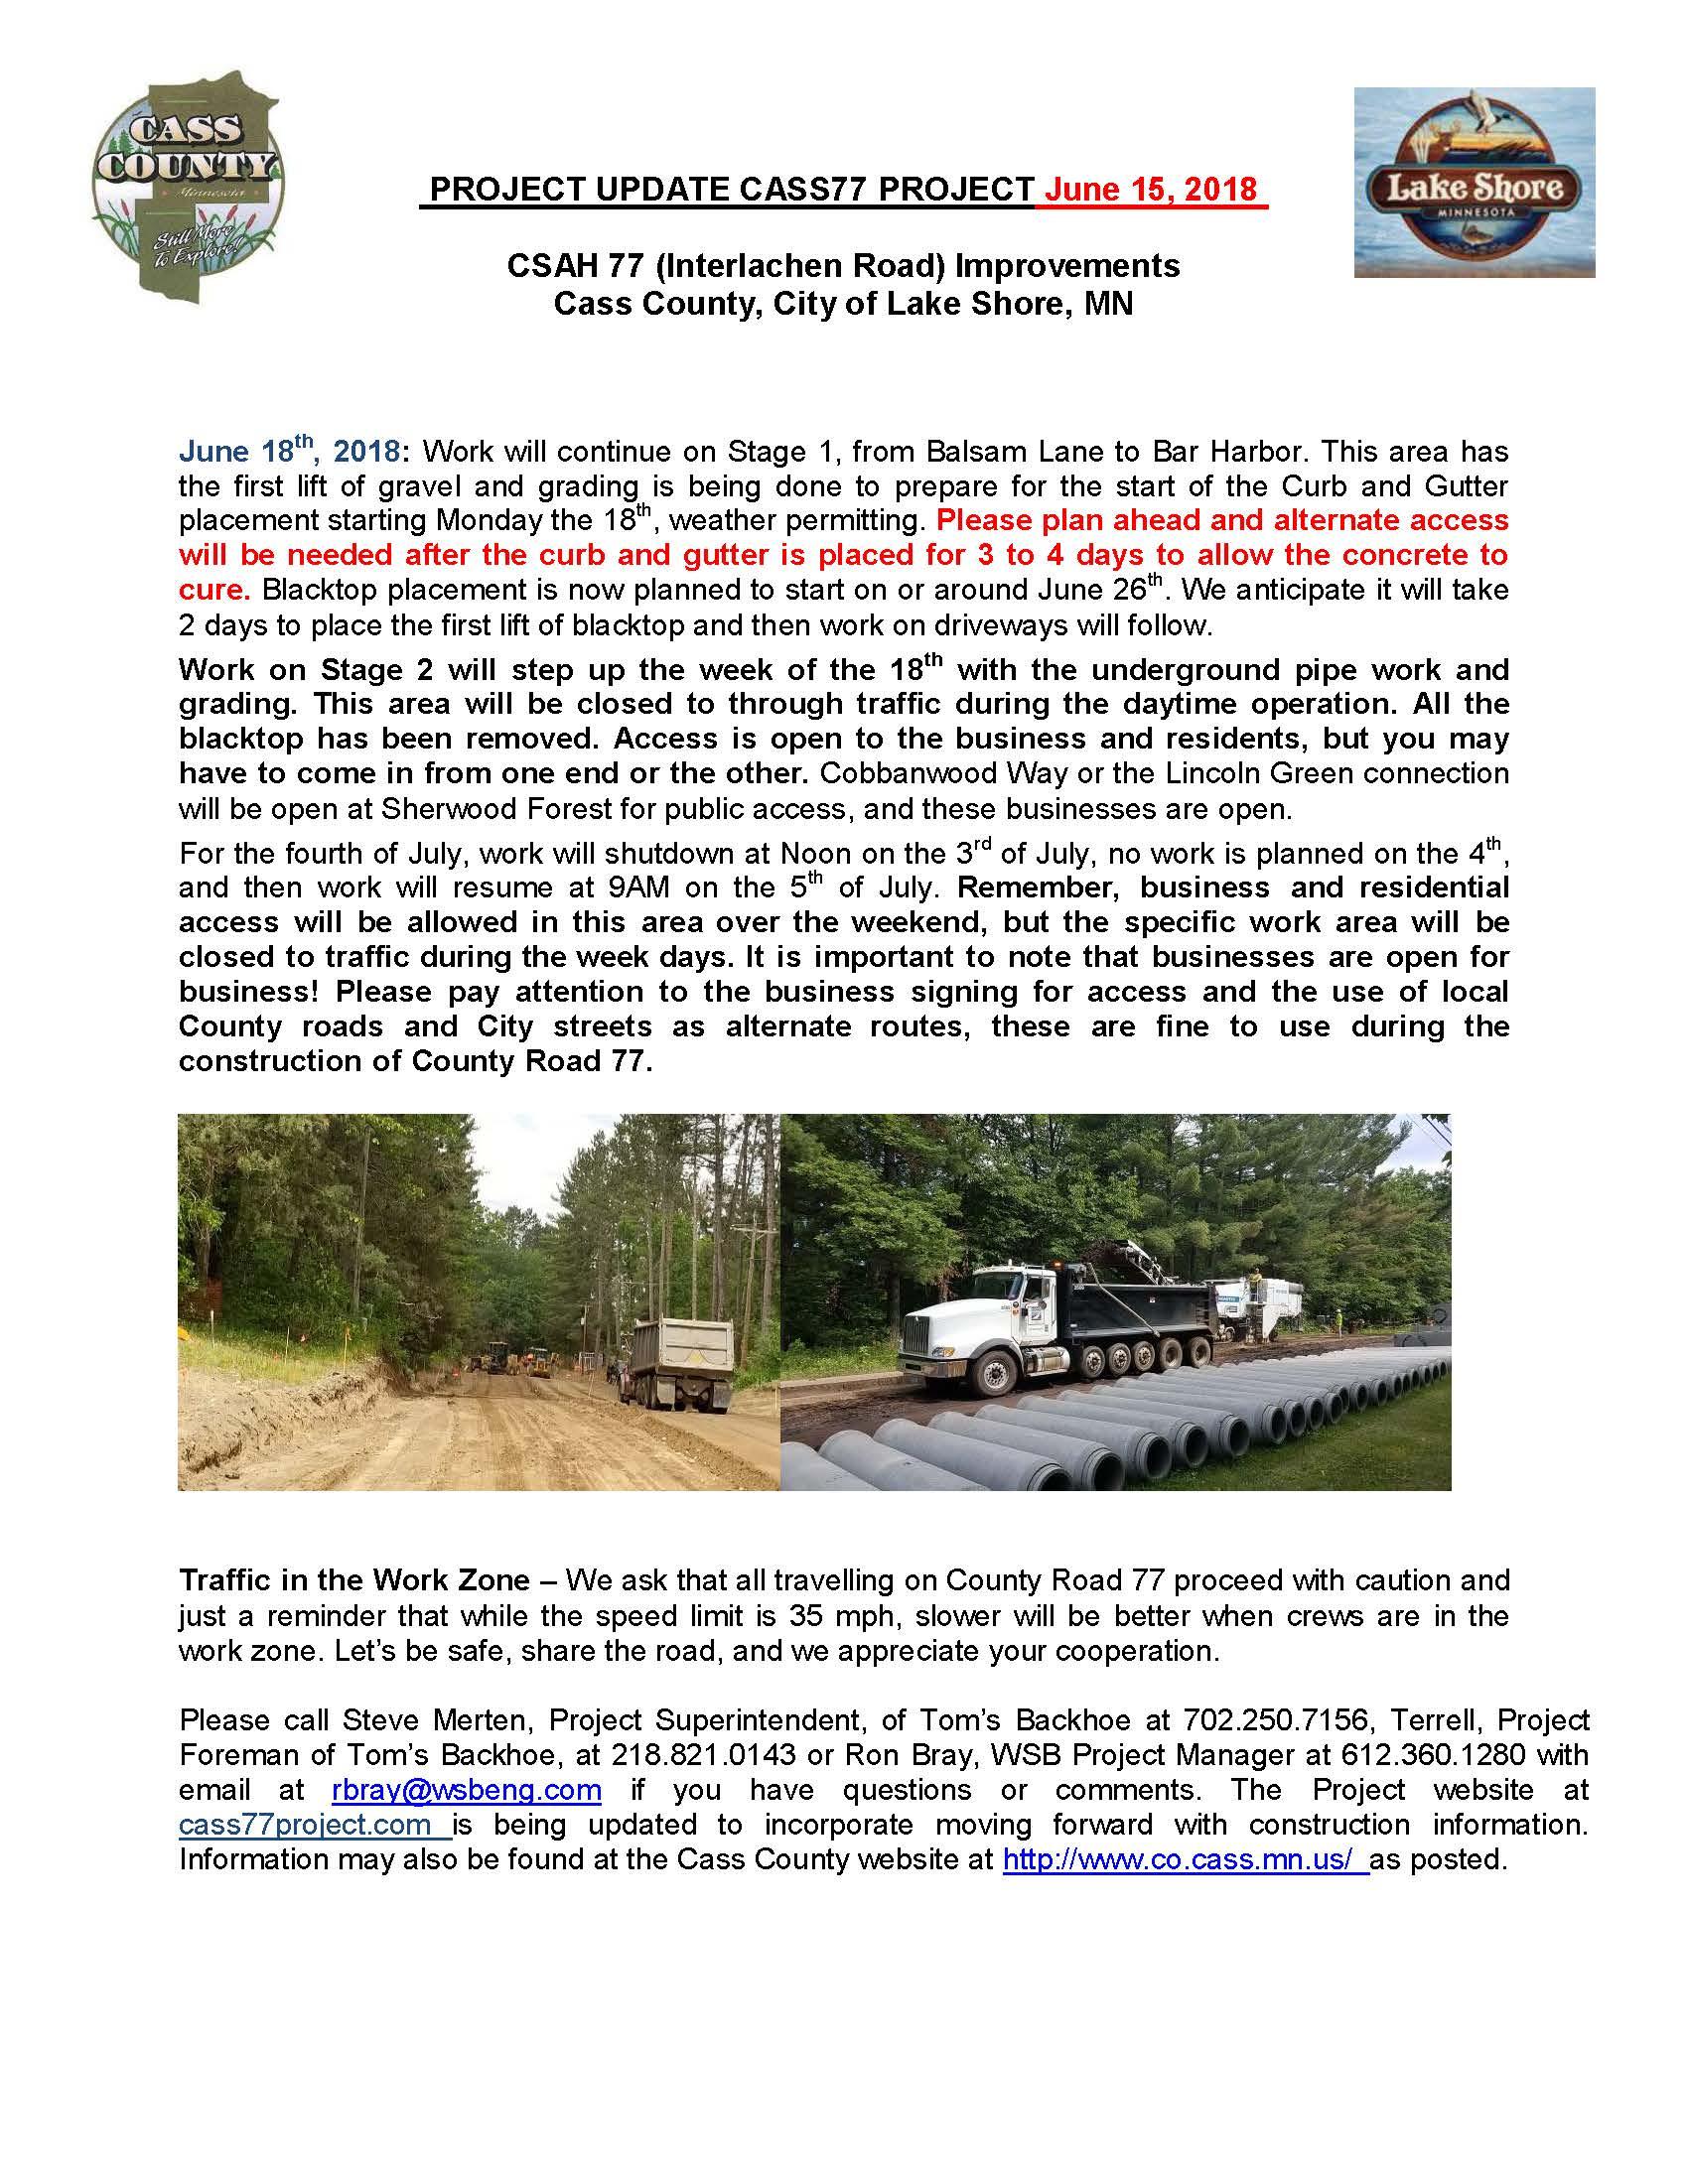 Cass County CSAH 77 Project update June 15 2018.jpg